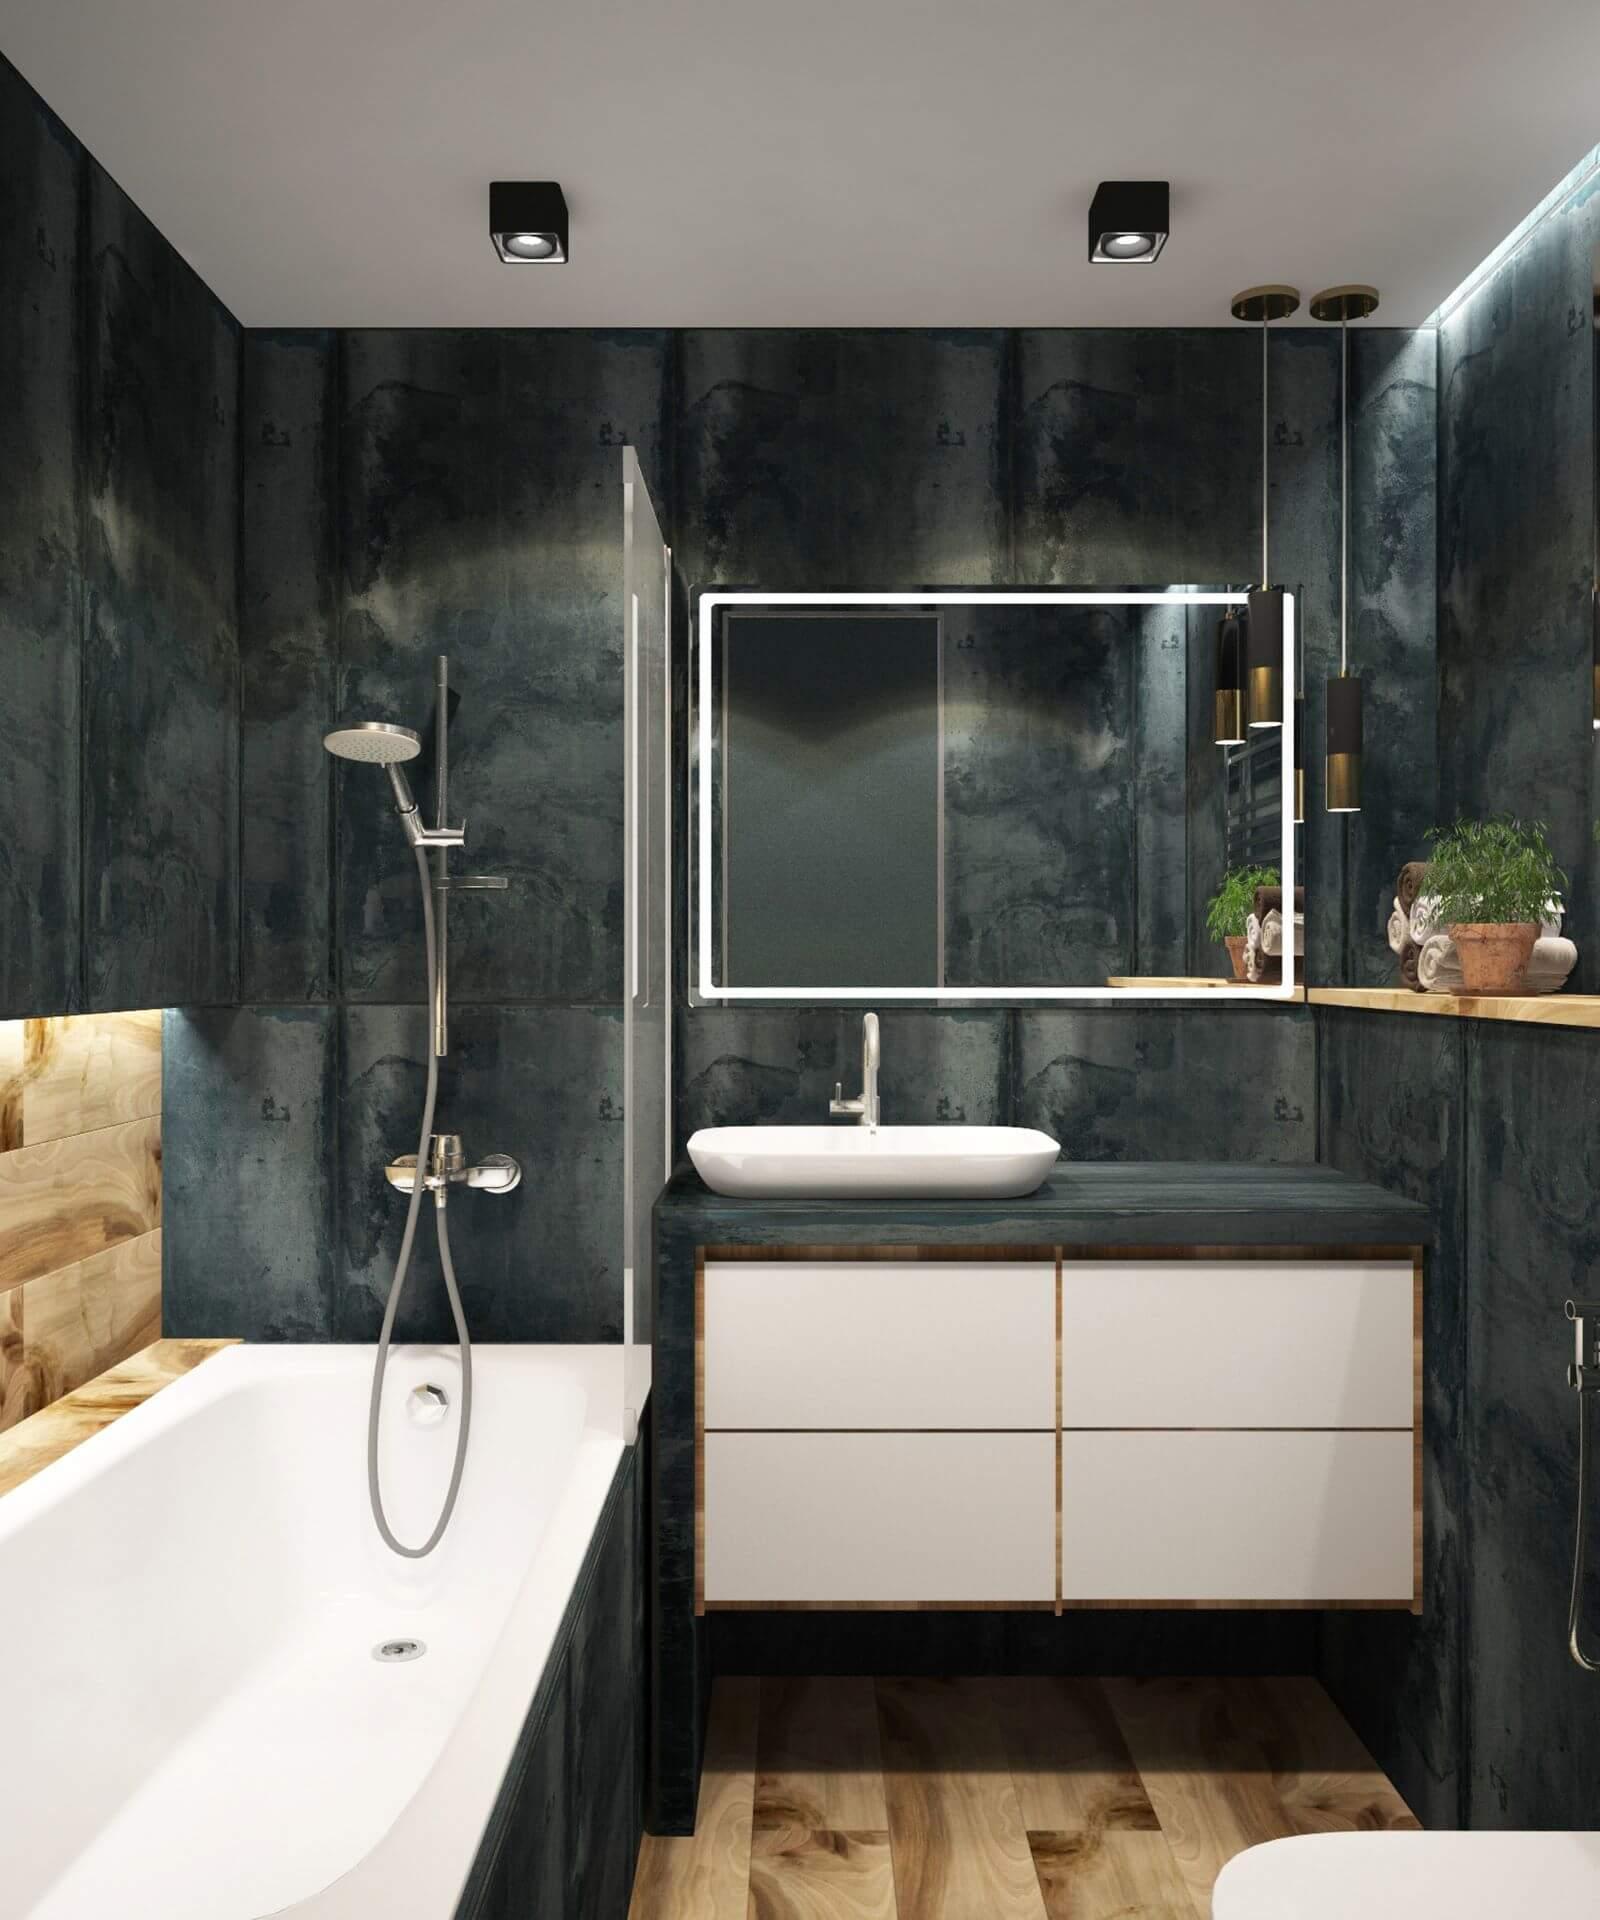 cuarto de baño sin ventanas